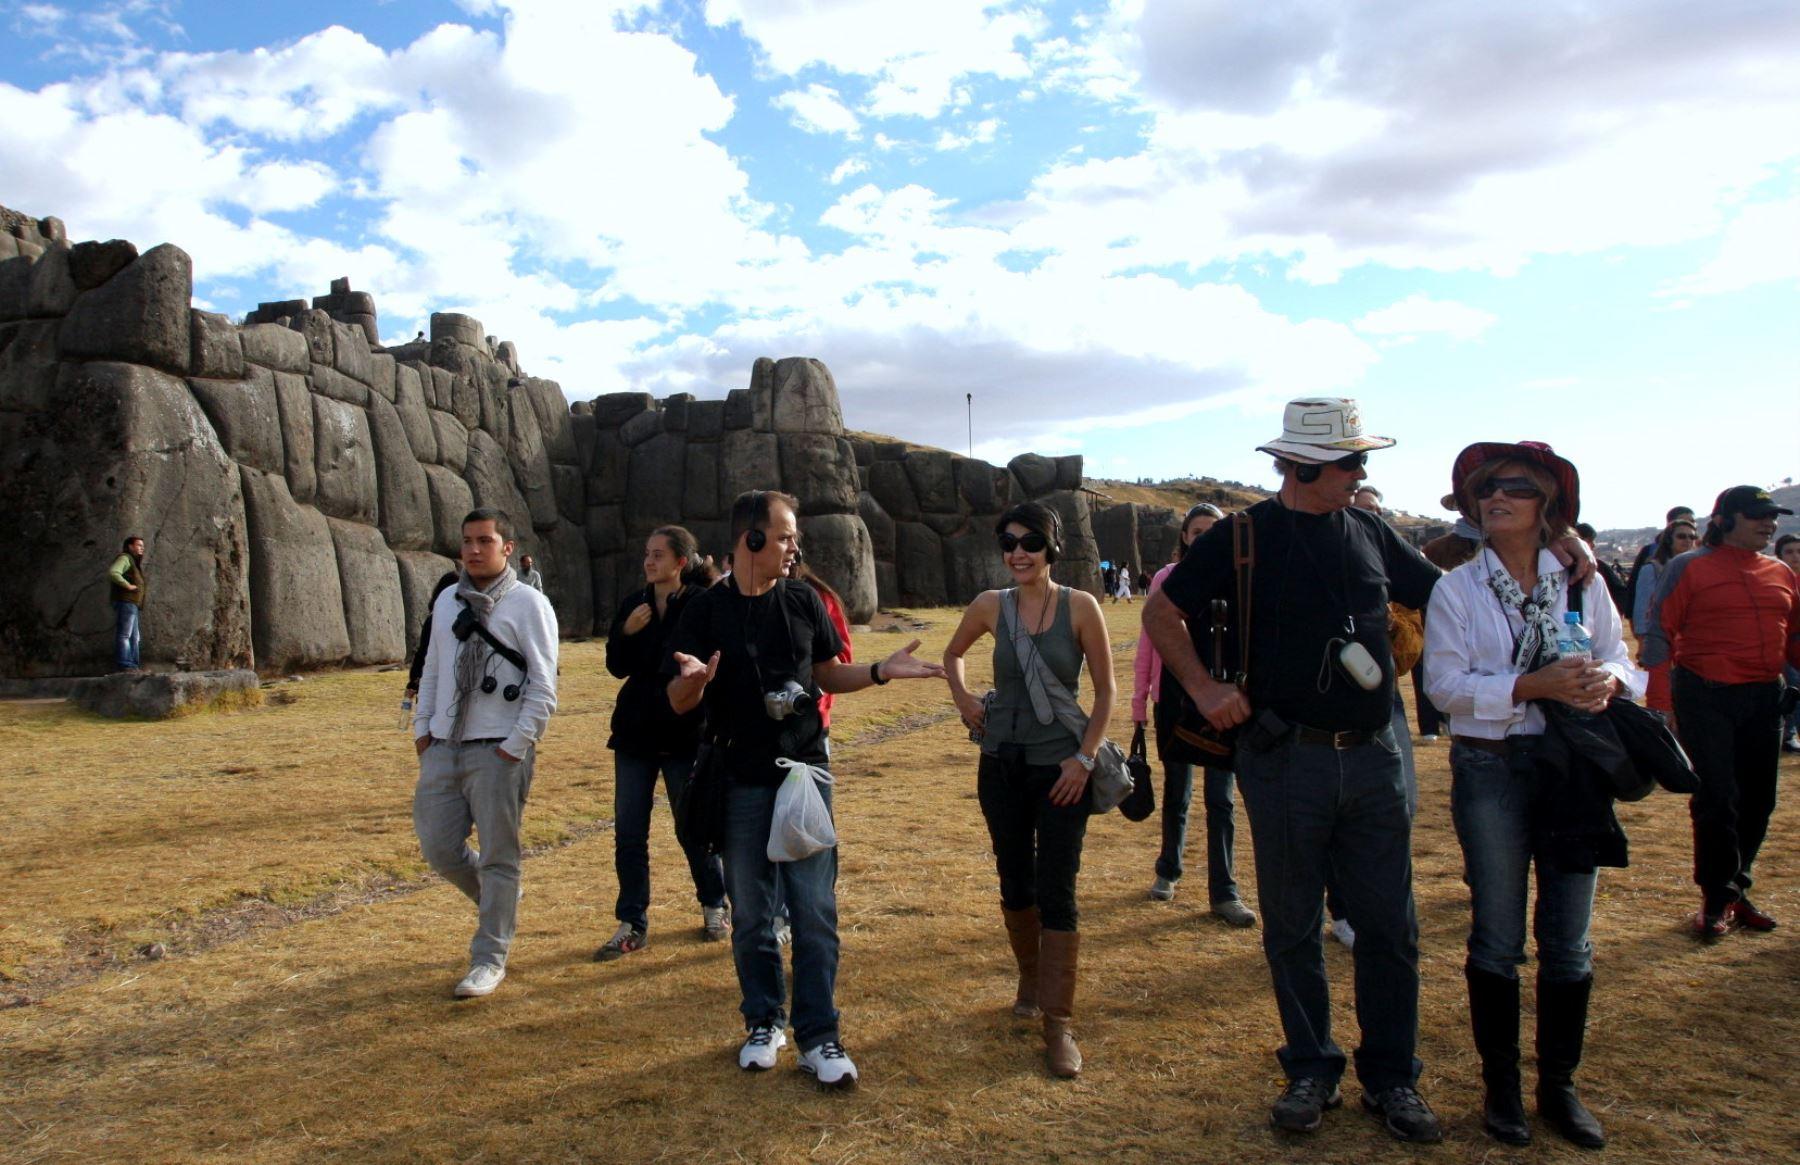 Los turistas aprecian las enormes rocas que fueron ensambladas de manera perfecta sin uso alguno de argamasa. La muralla principal está constituida por tres muros sucesivo. Foto: ANDINA/Percy Hurtado